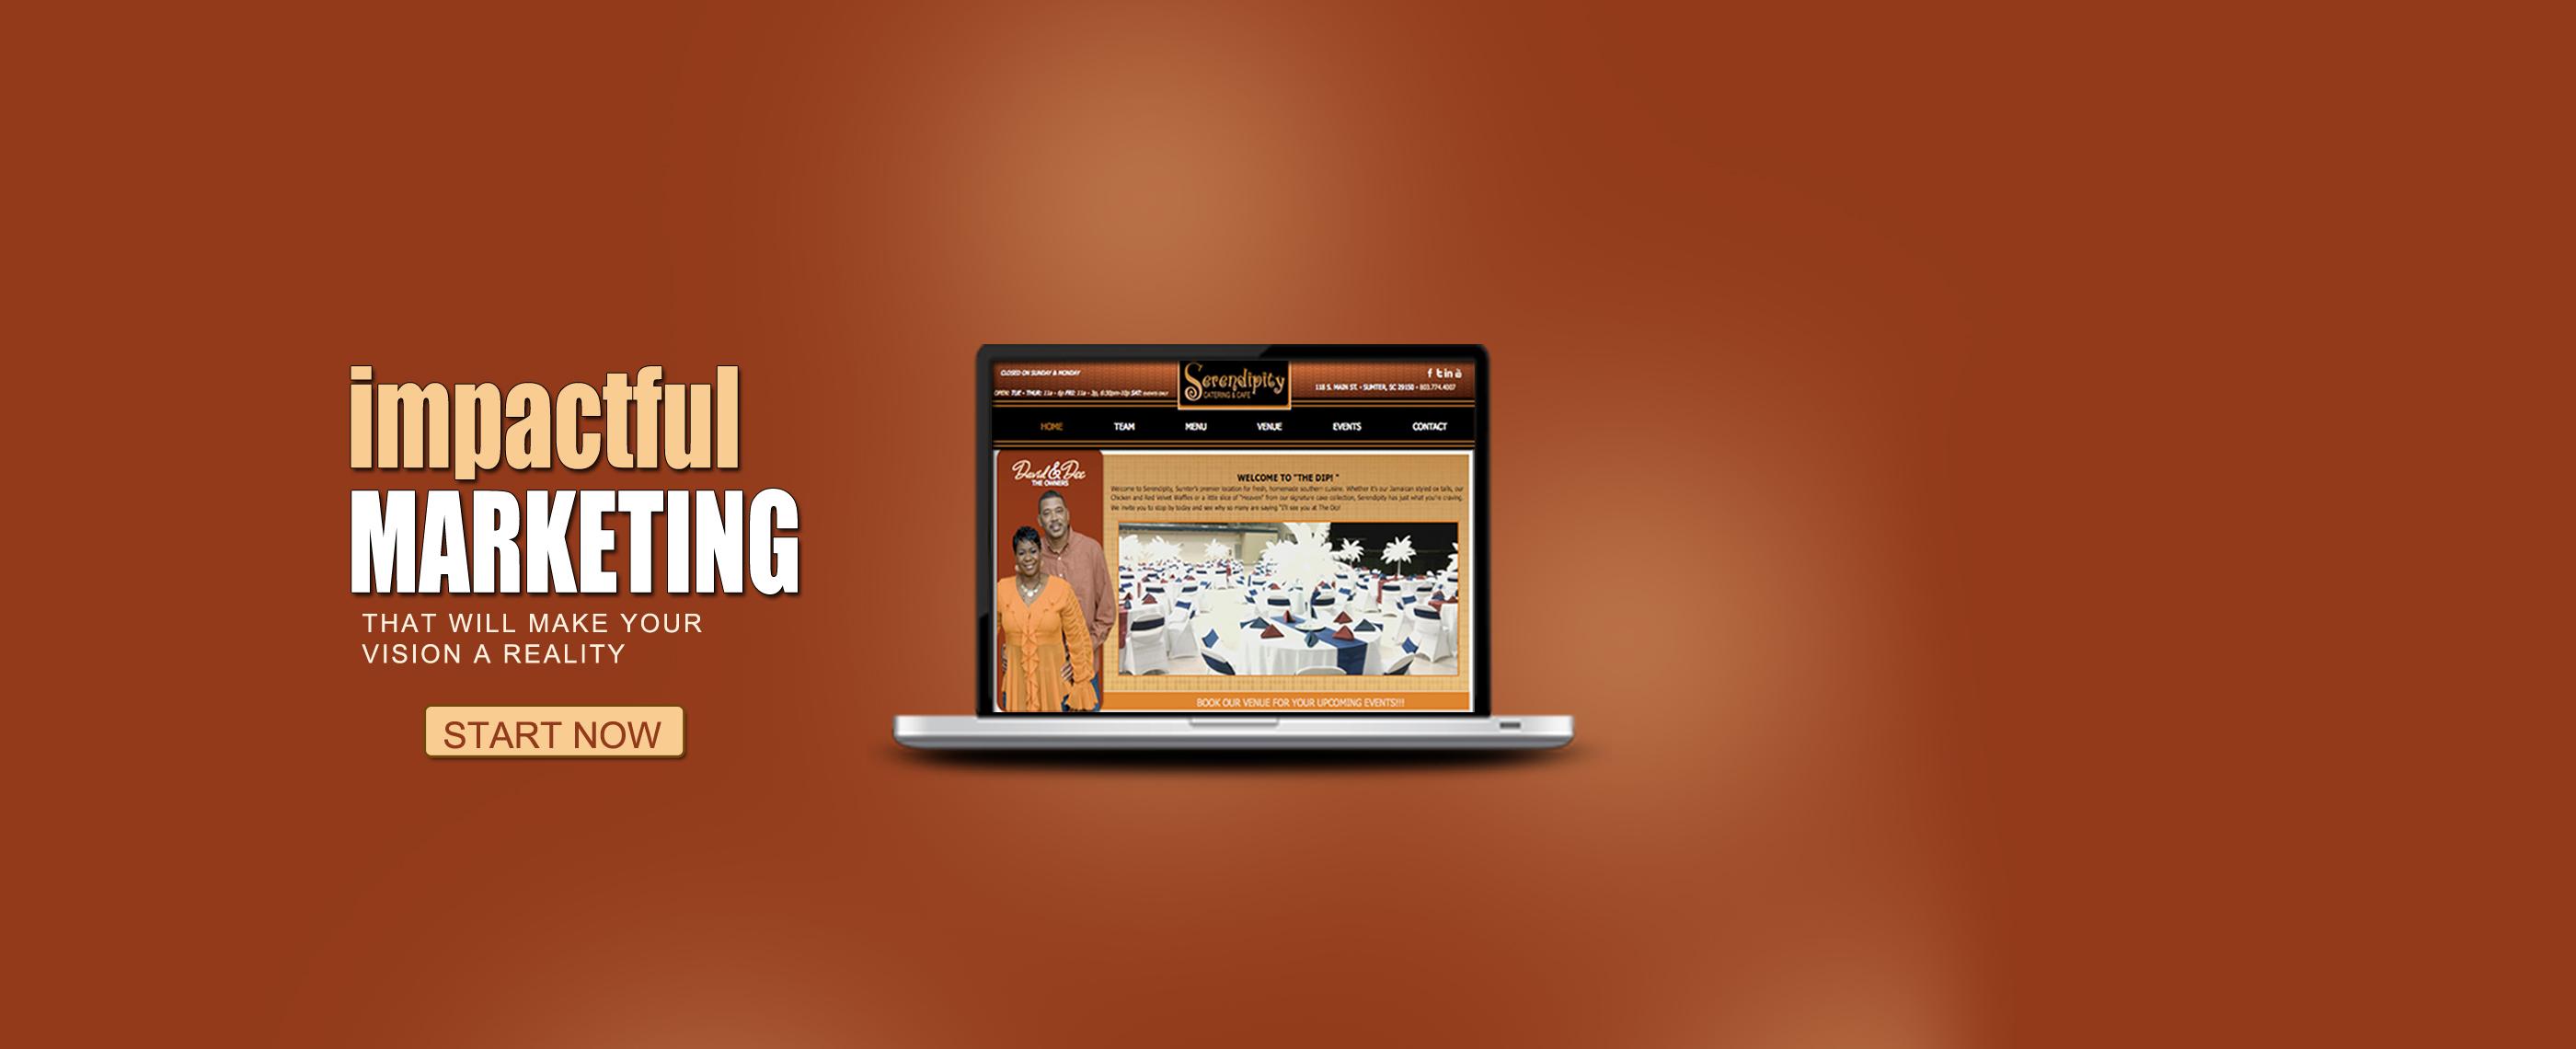 WebMarketingRot small4.jpg